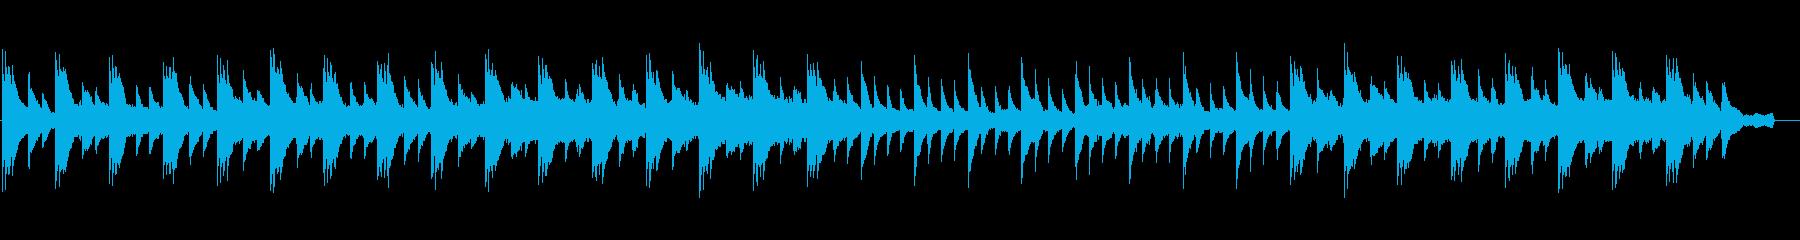 しっとり美しいピアノと弦(ストリングス)の再生済みの波形